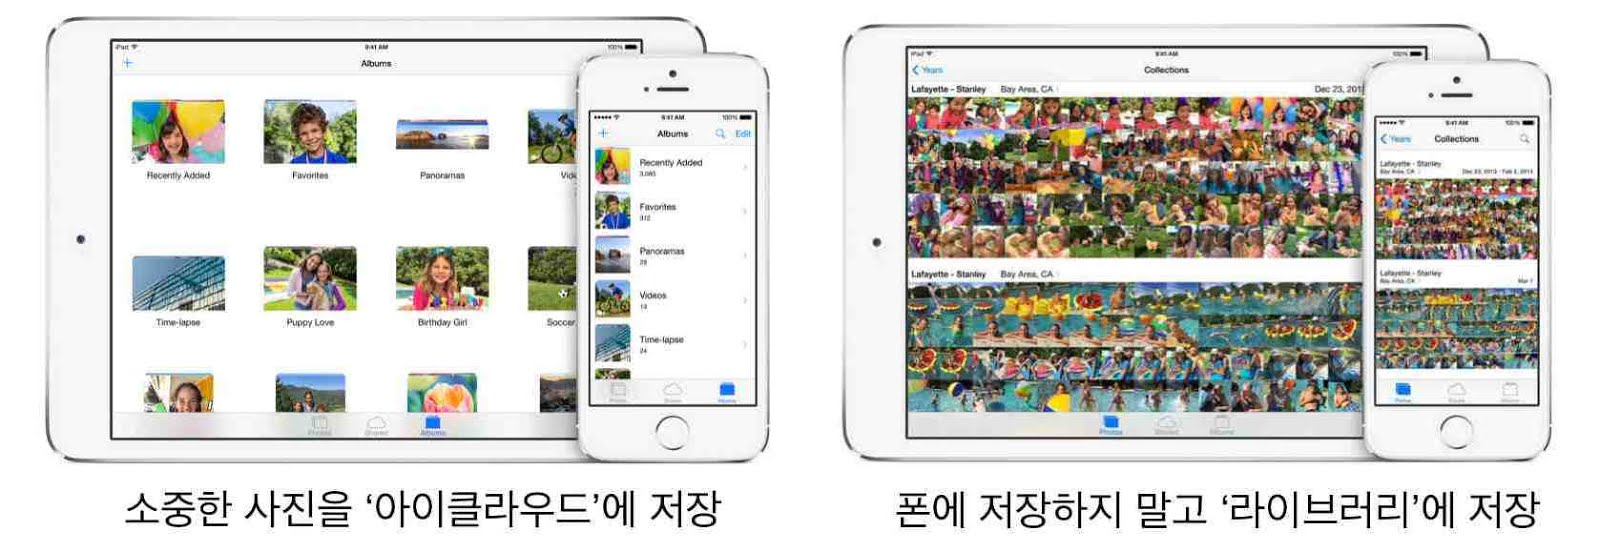 애플포토스1.jpg